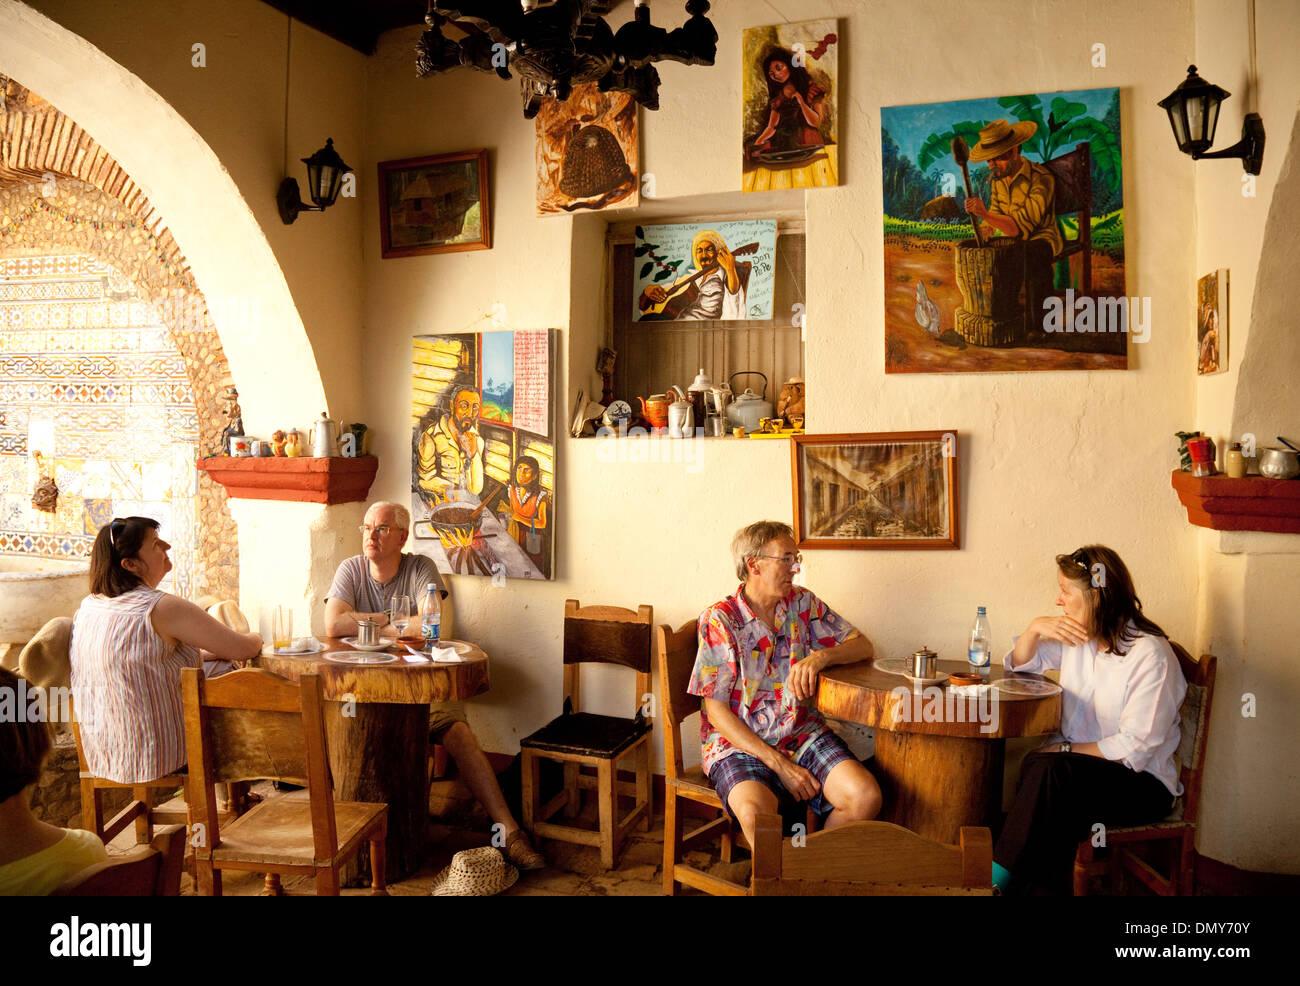 Cuban Cafes Stock Photos & Cuban Cafes Stock Images - Alamy